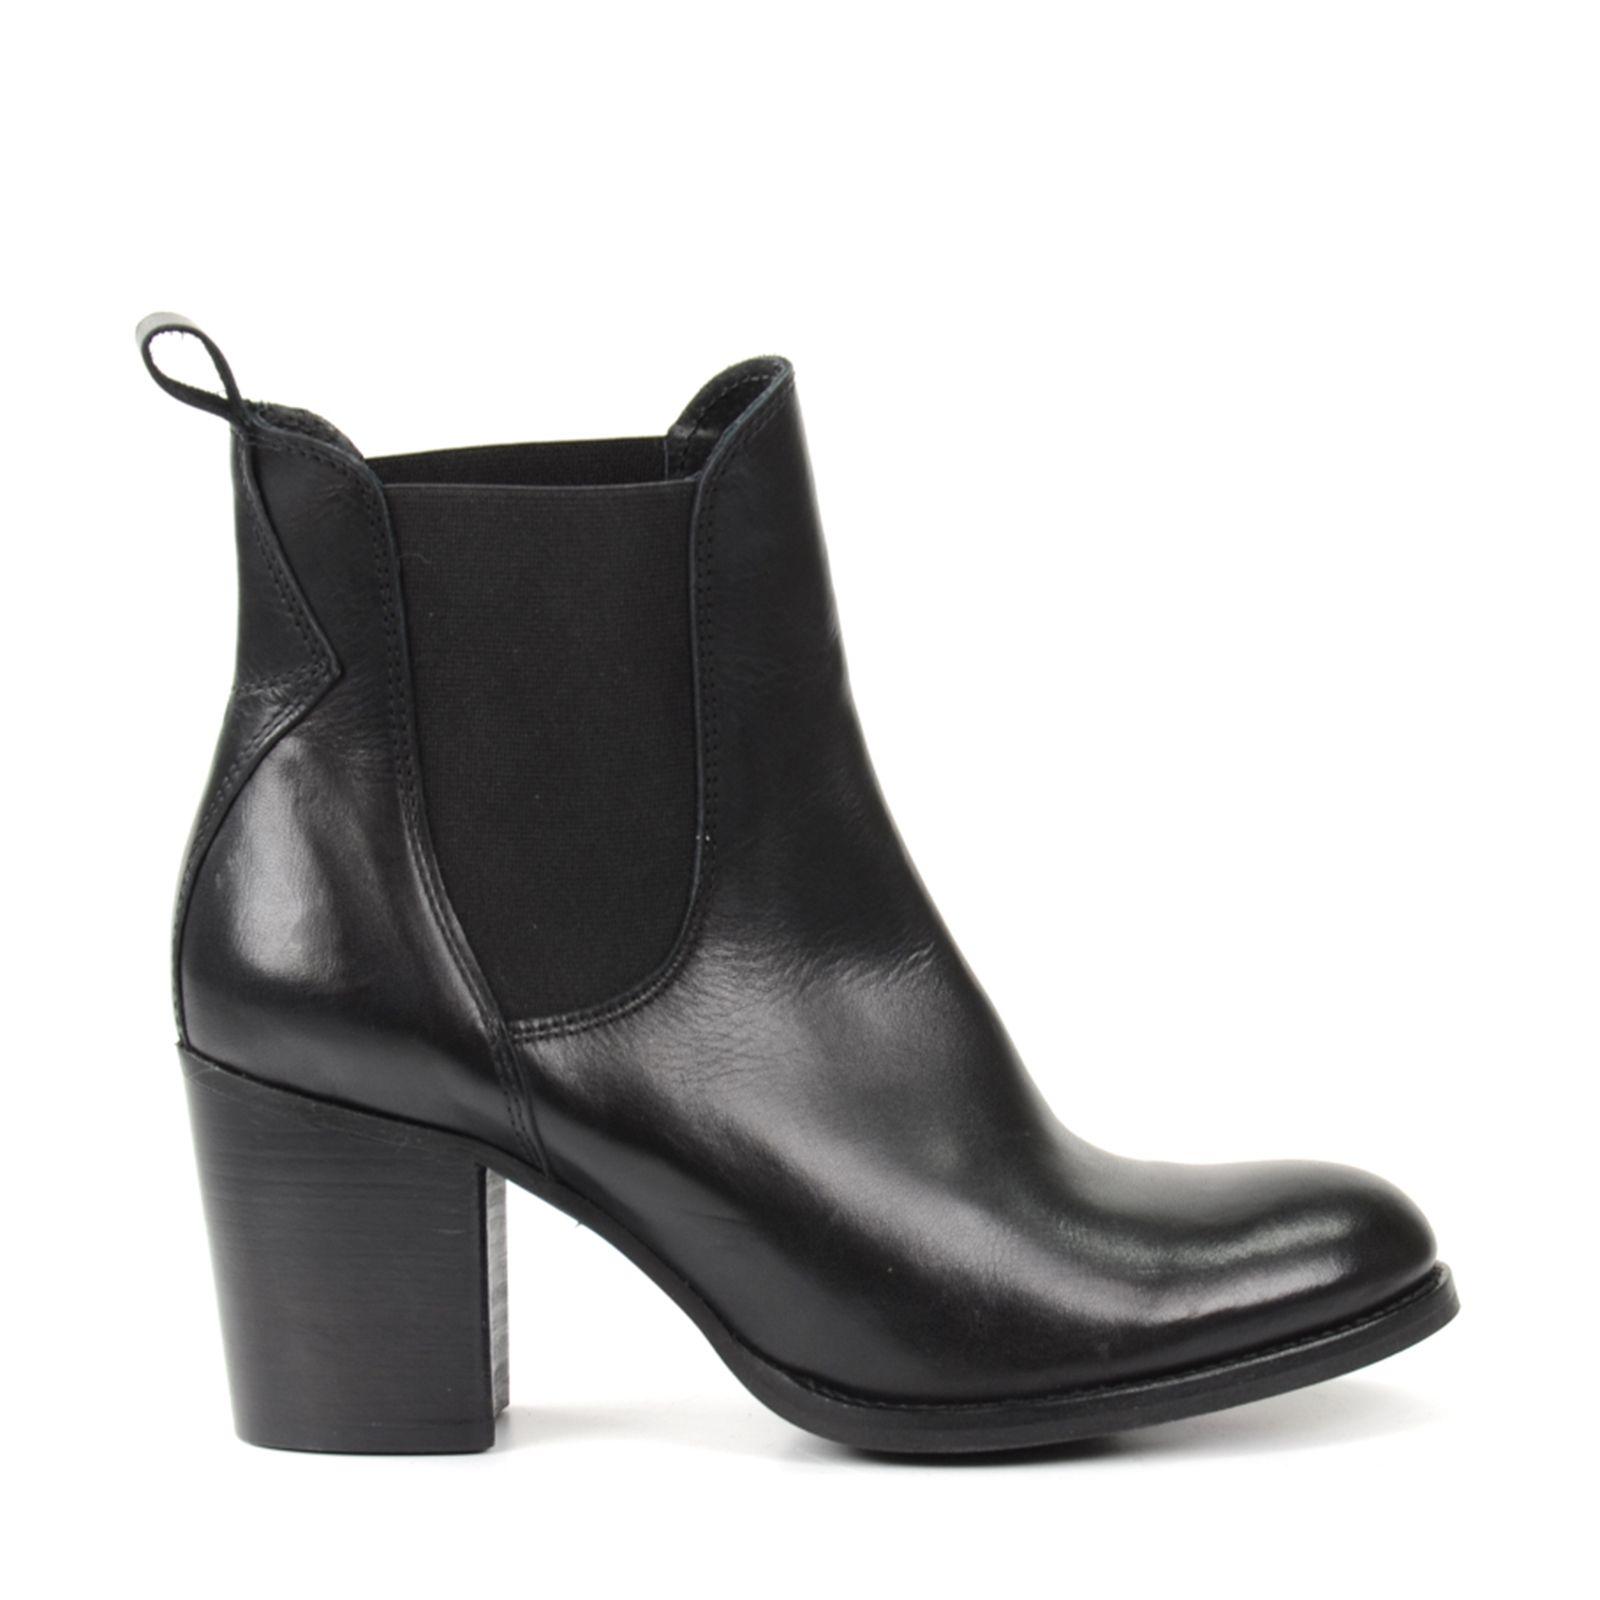 Boots, bottines fille - Chaussures enfant 3-16 ans La